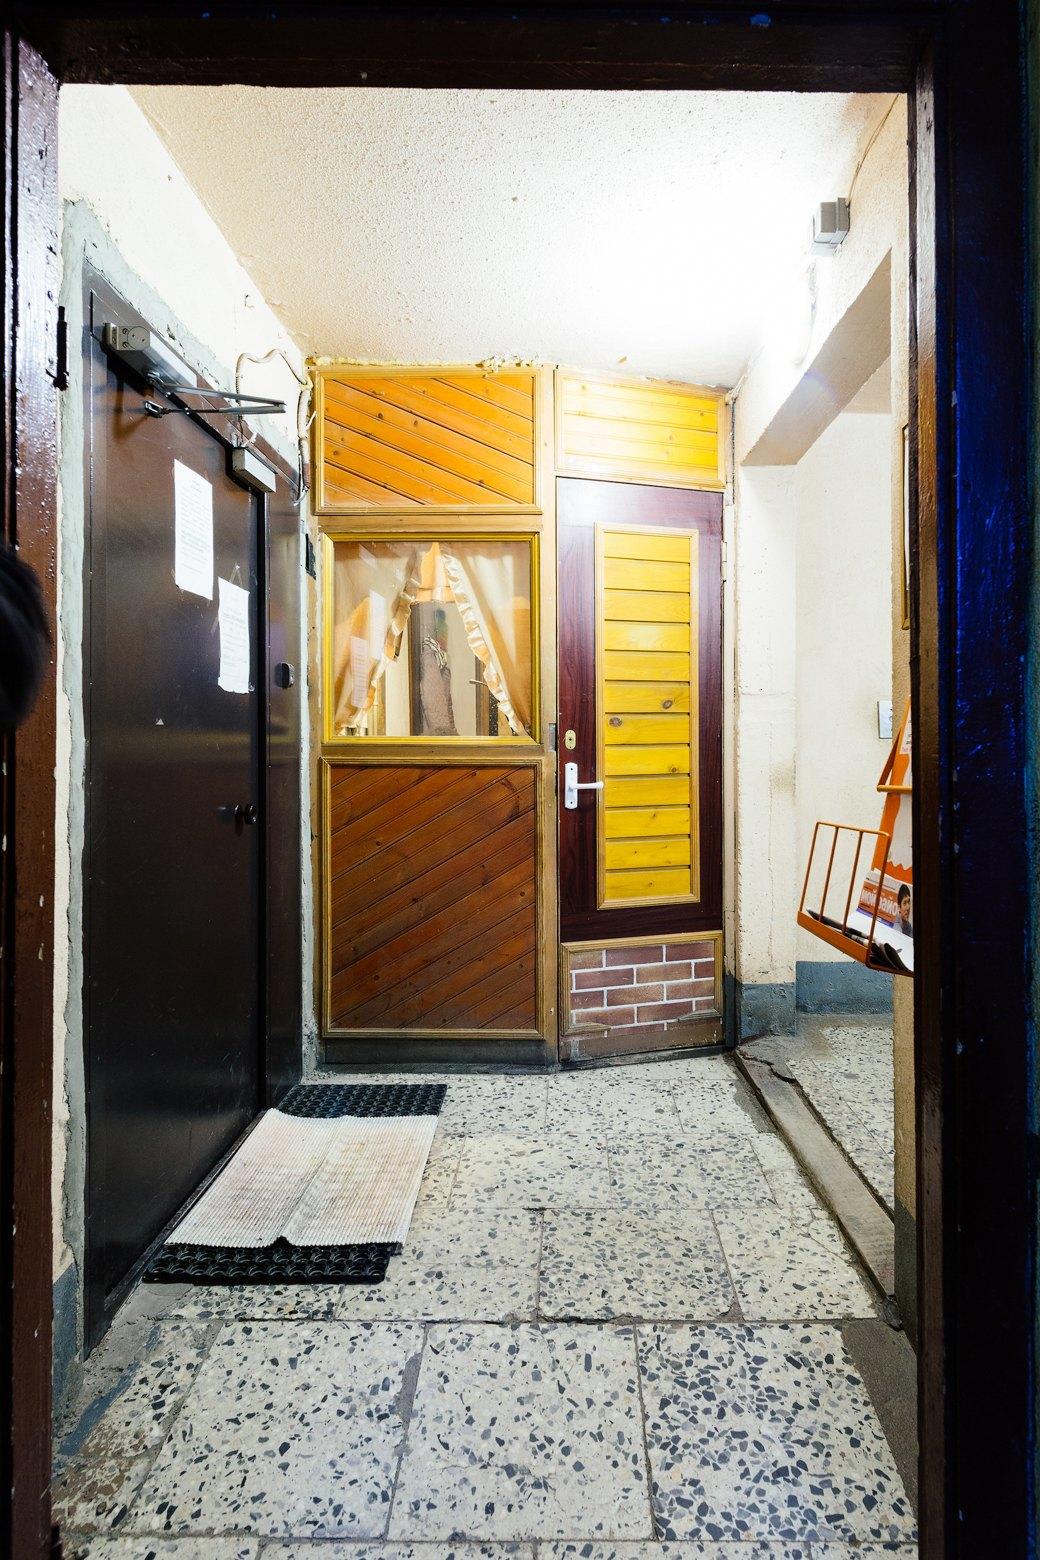 Я живу в доме «на курьих ножках» на«Приморской» (Петербург). Изображение № 20.